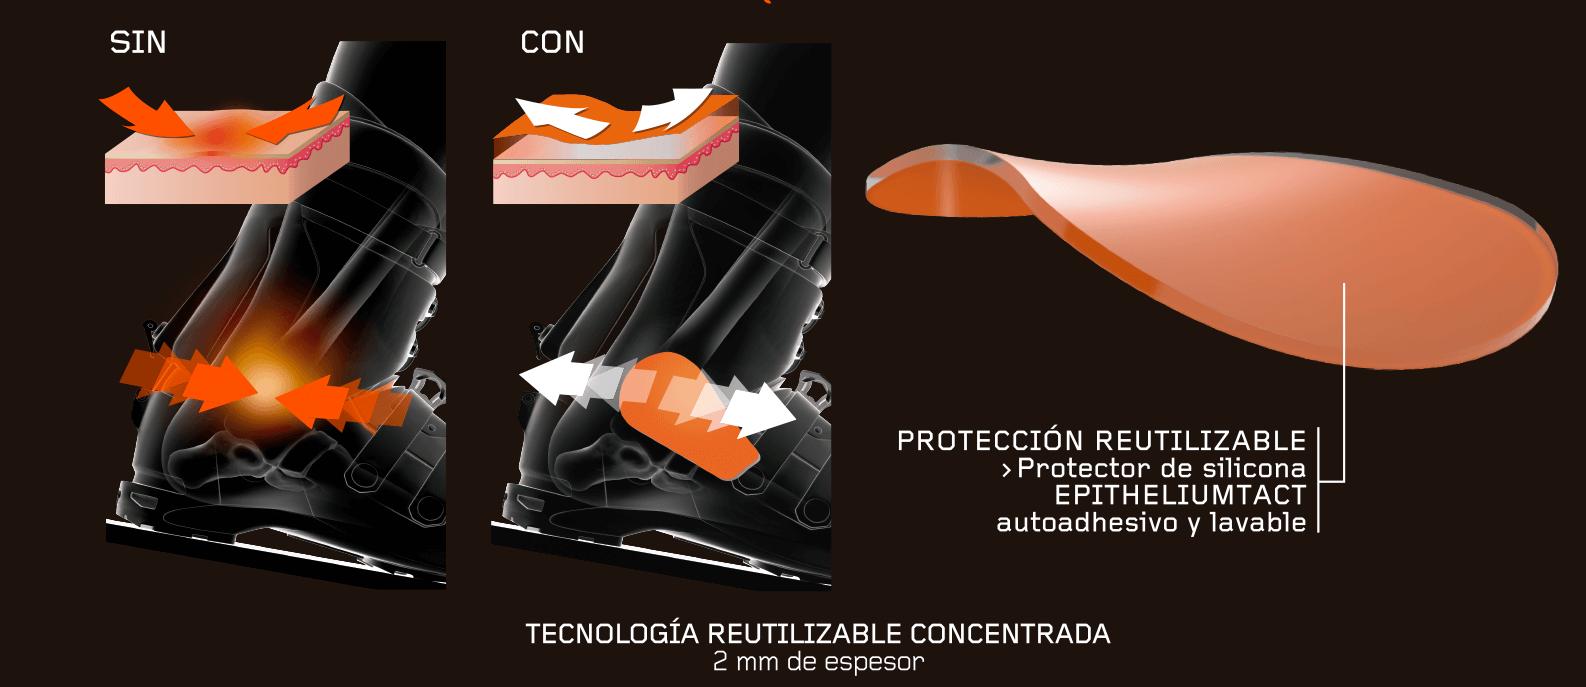 Protección del lateral del tobillo. Reutilizable, autoadhesivo y lavable